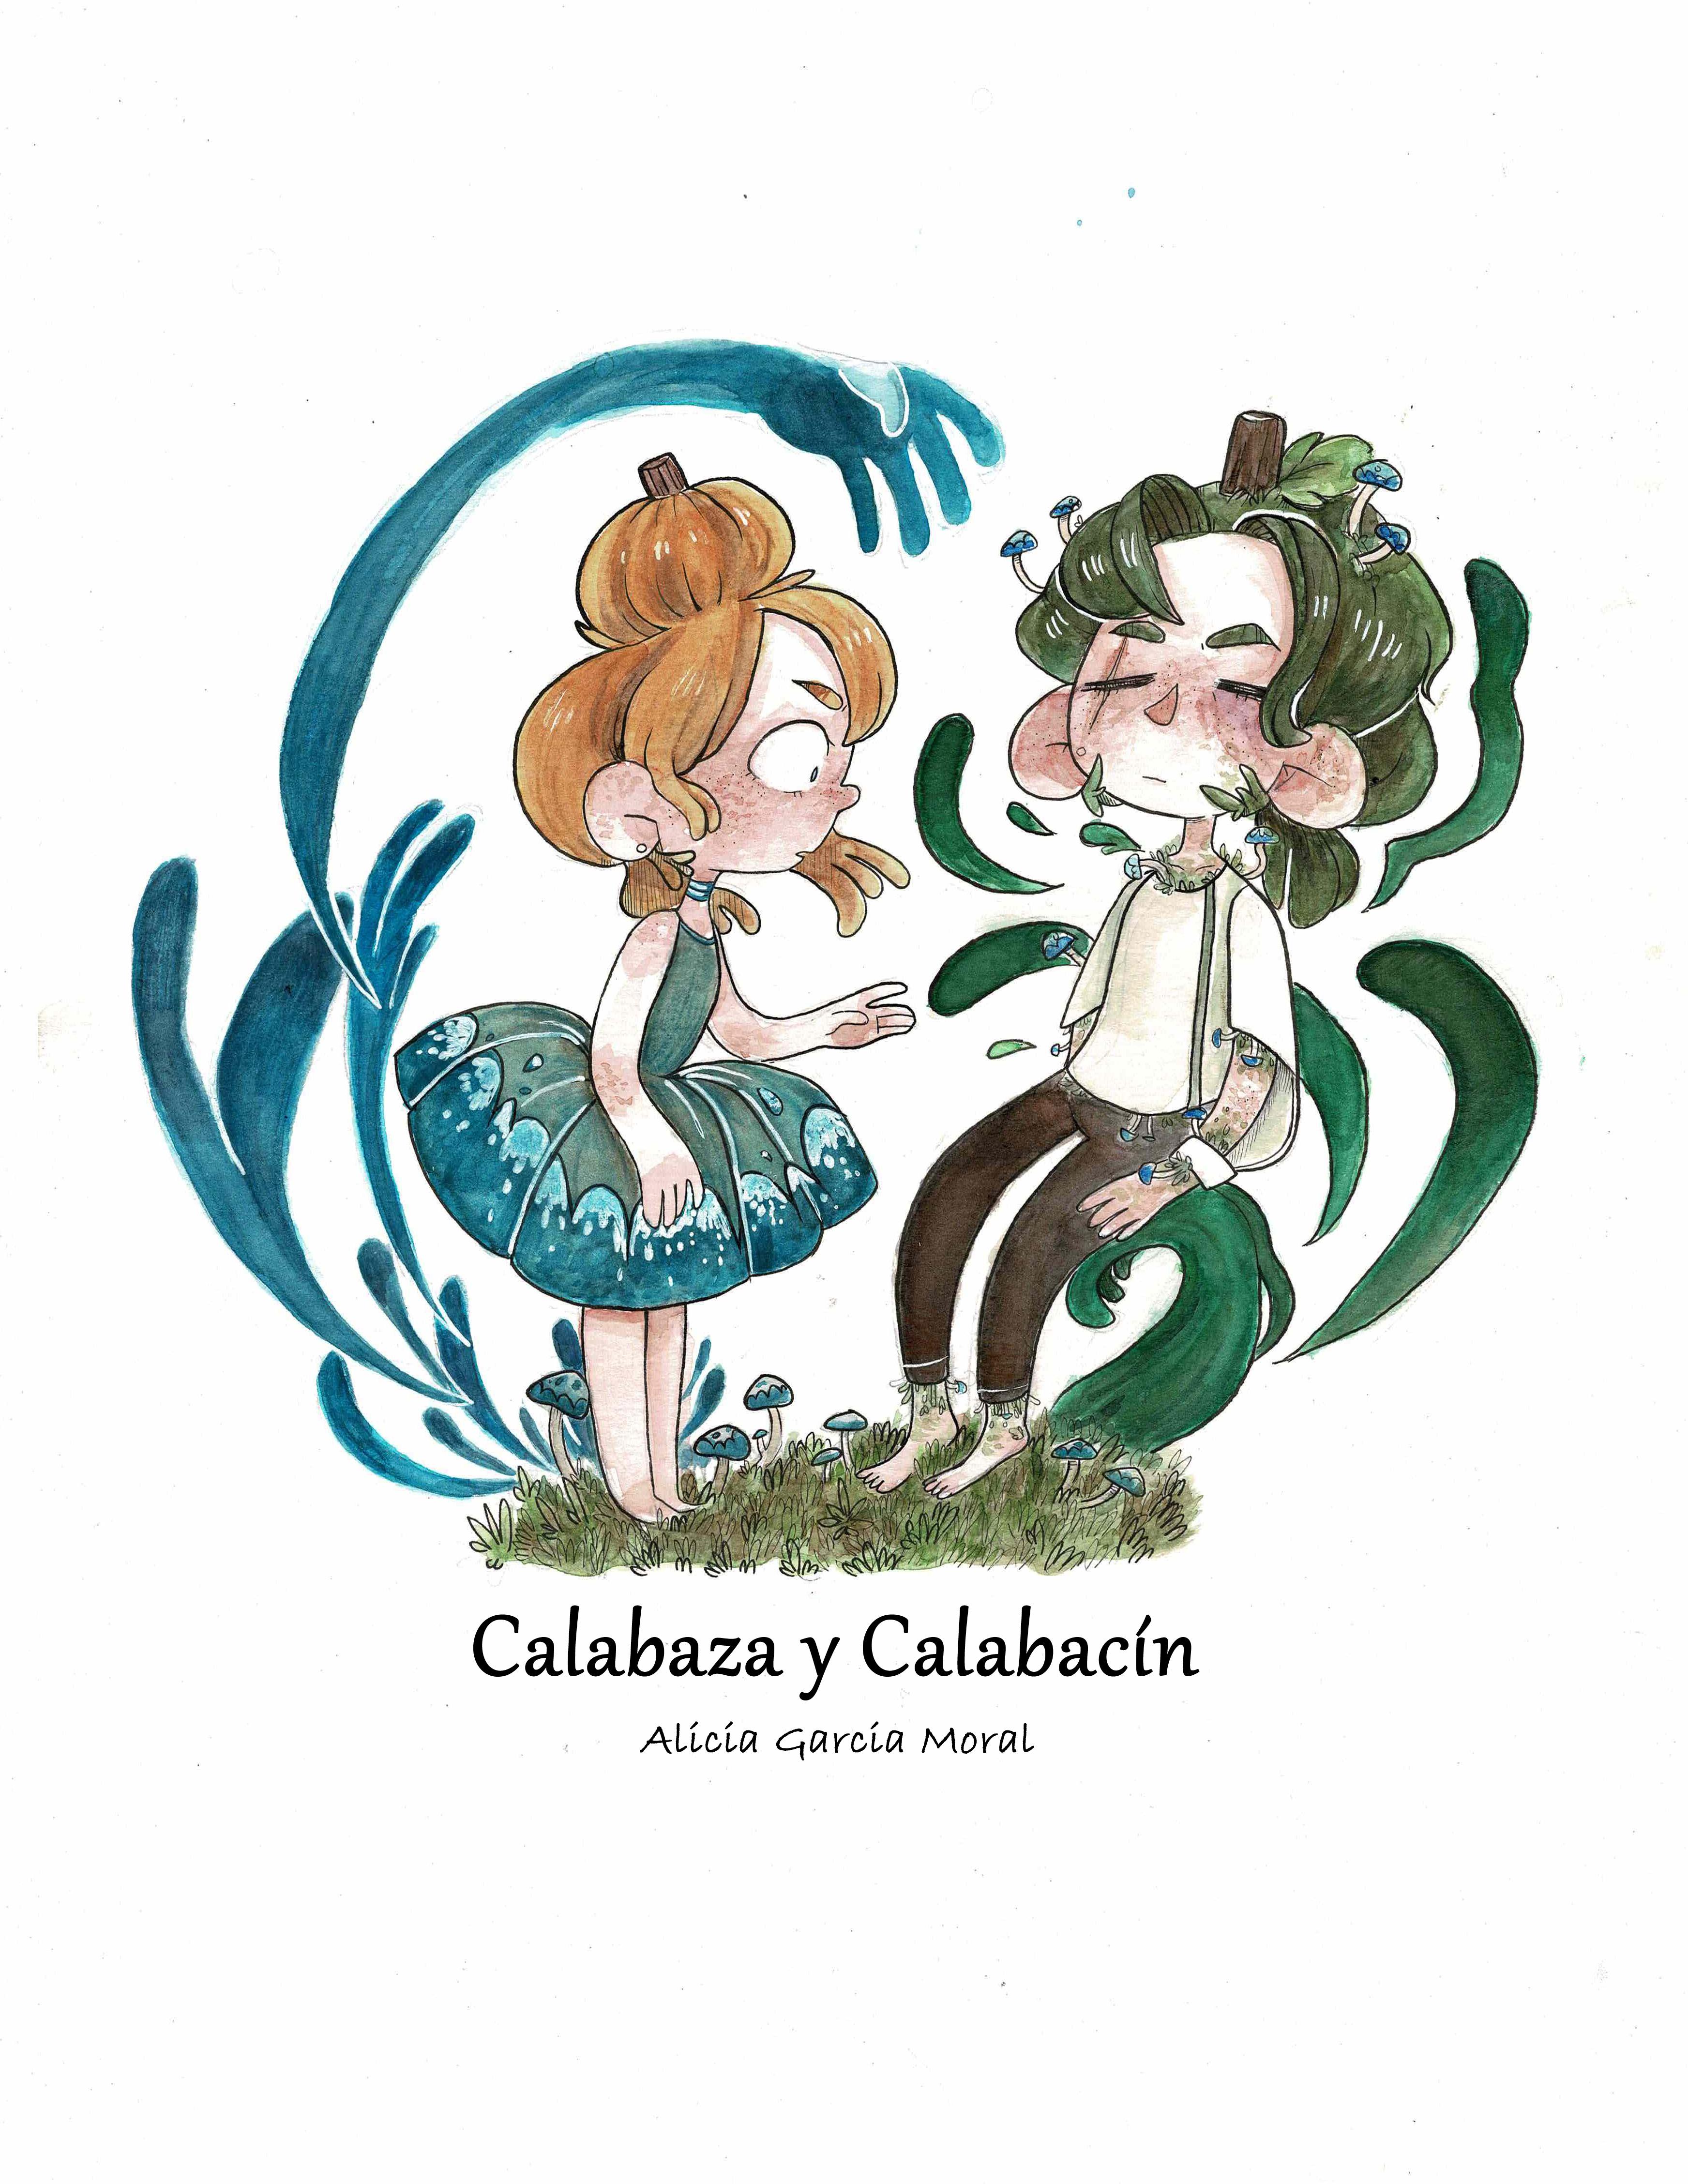 Calabaza_y_Calabacín_Alicia_García_Moral_pg_01